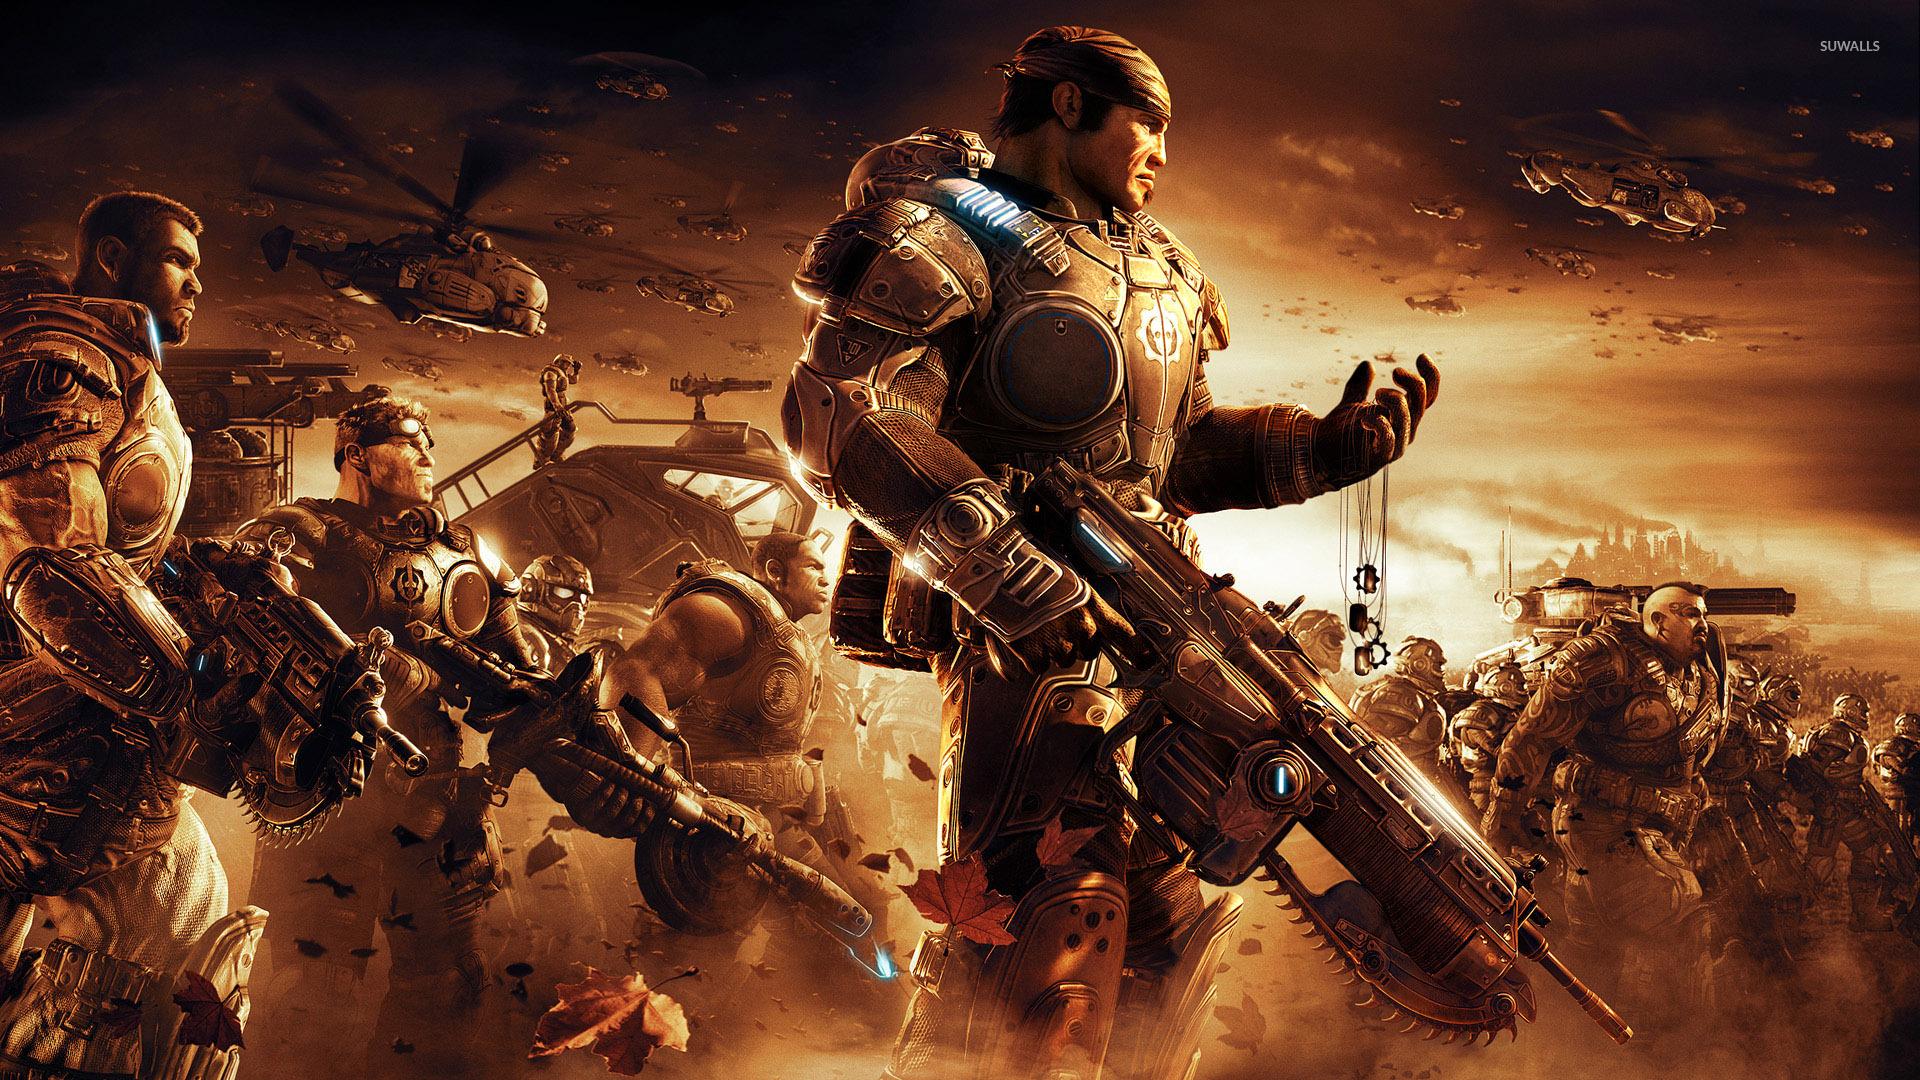 Gears Of War 2 Wallpaper Game Wallpapers 4868